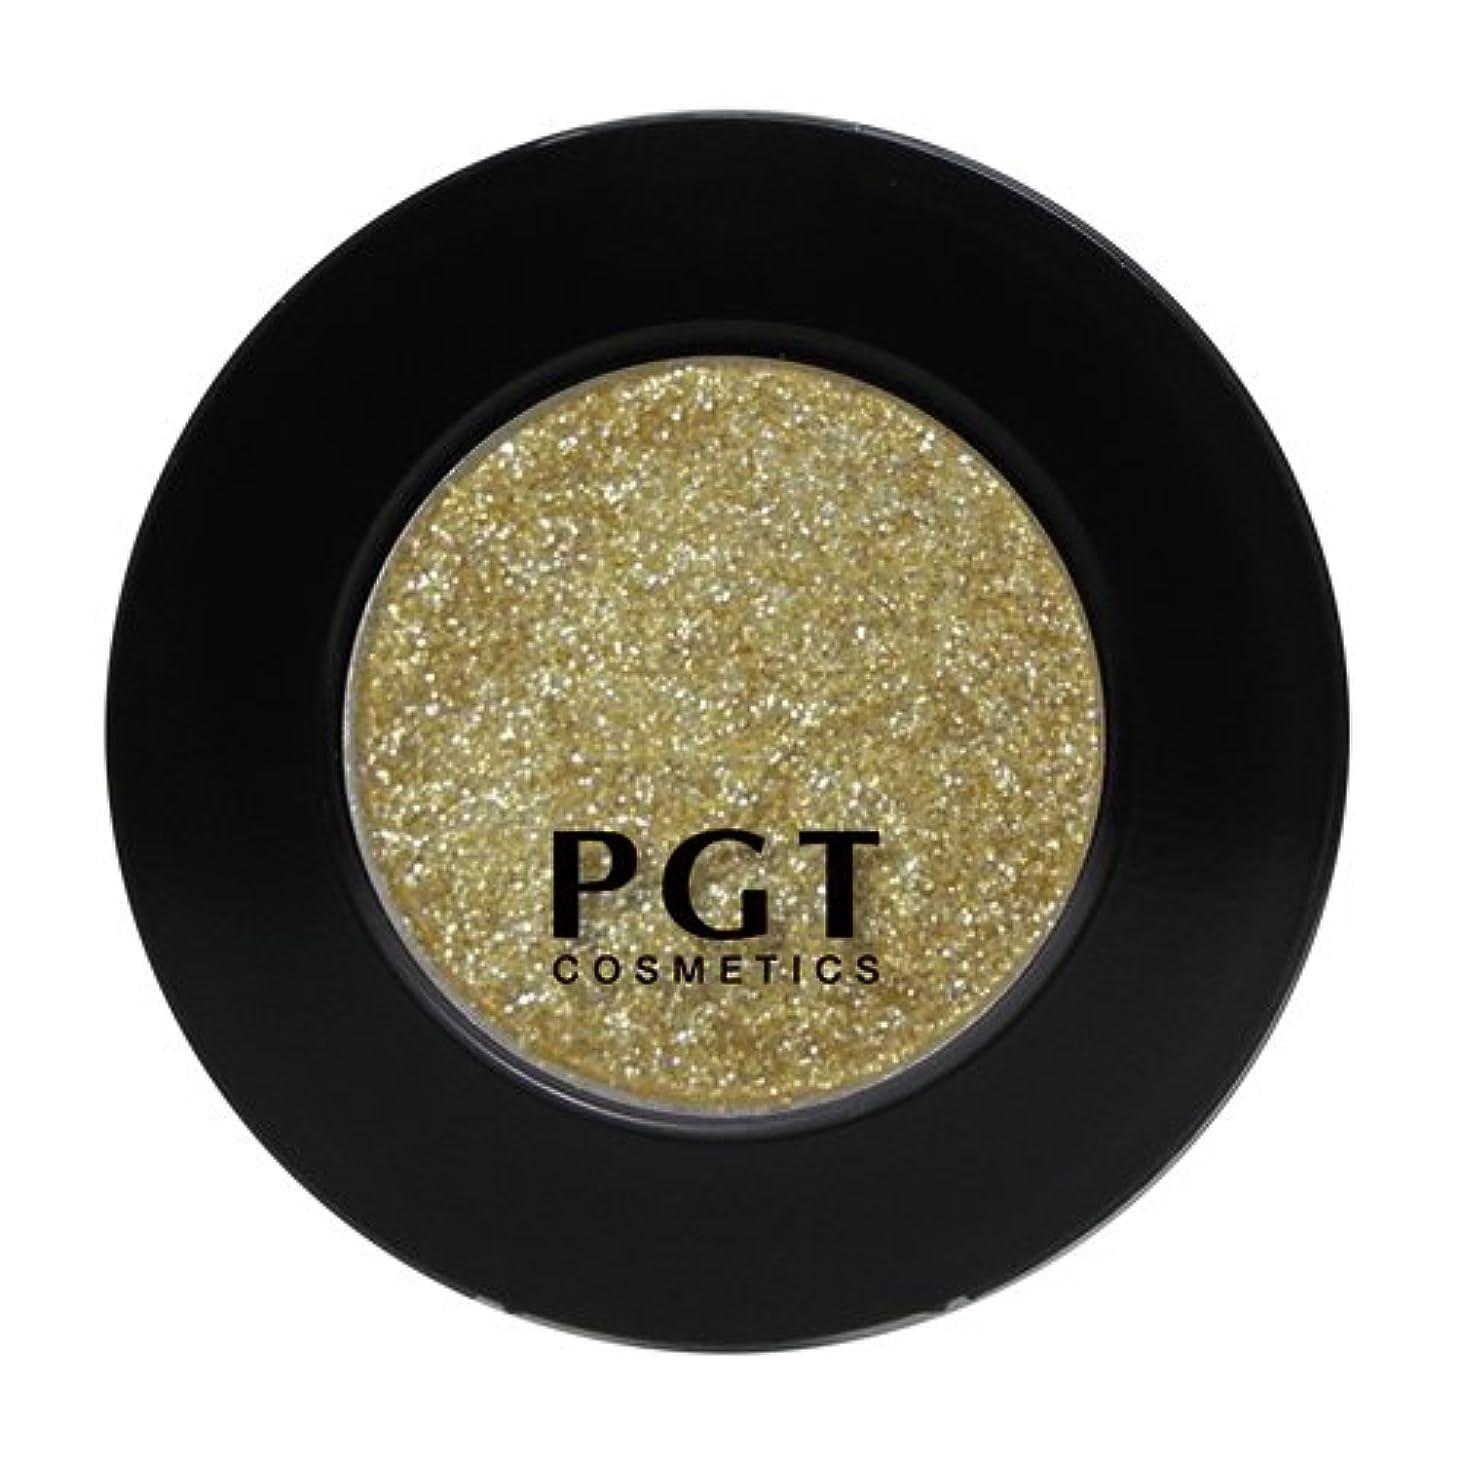 パルガントン スパークリングアイシャドウSE115 ゴールド